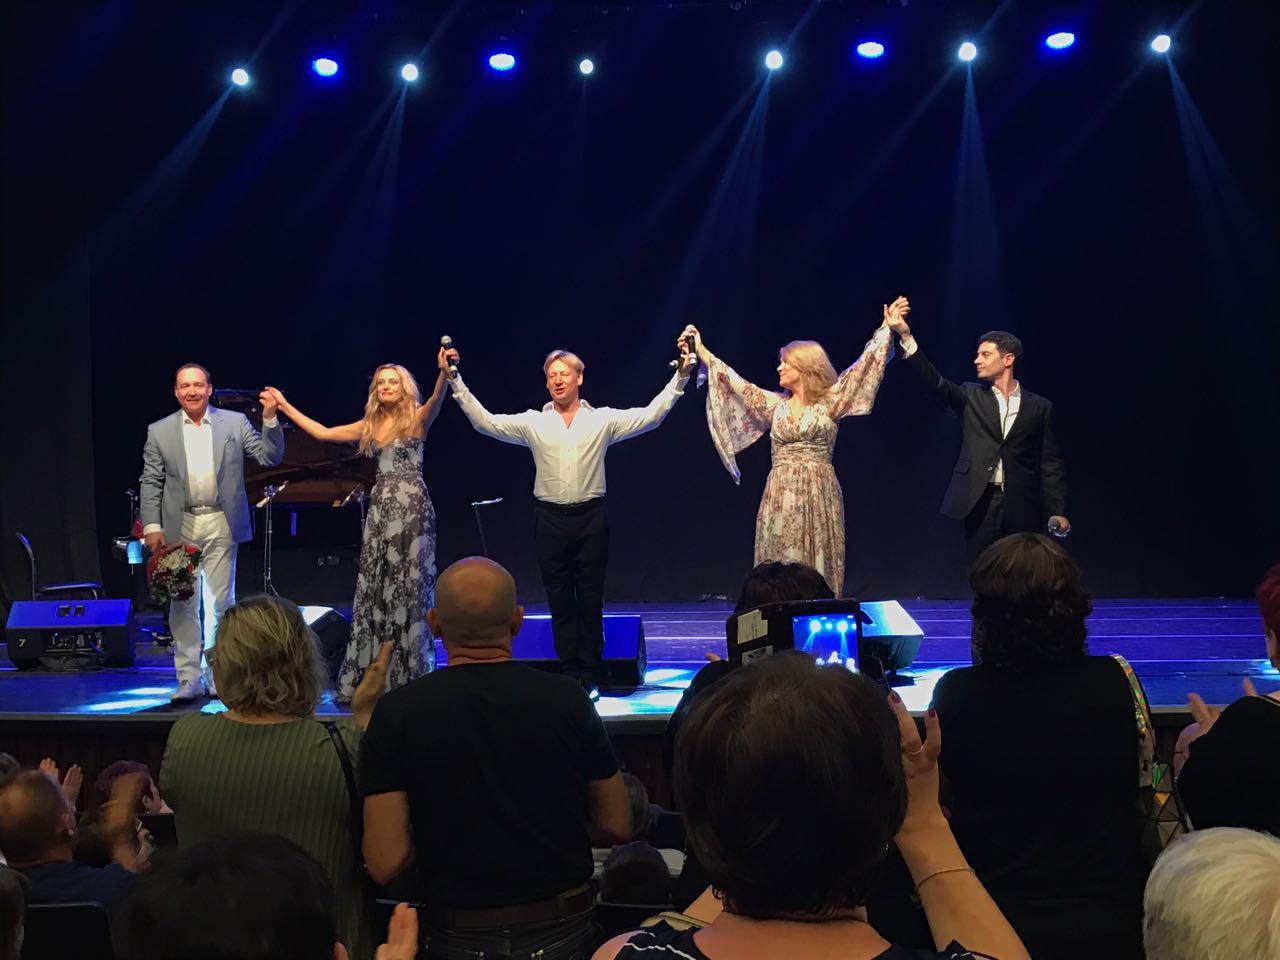 Юбилейный тур Дмитрия Харатьяна в Израиле продолжается